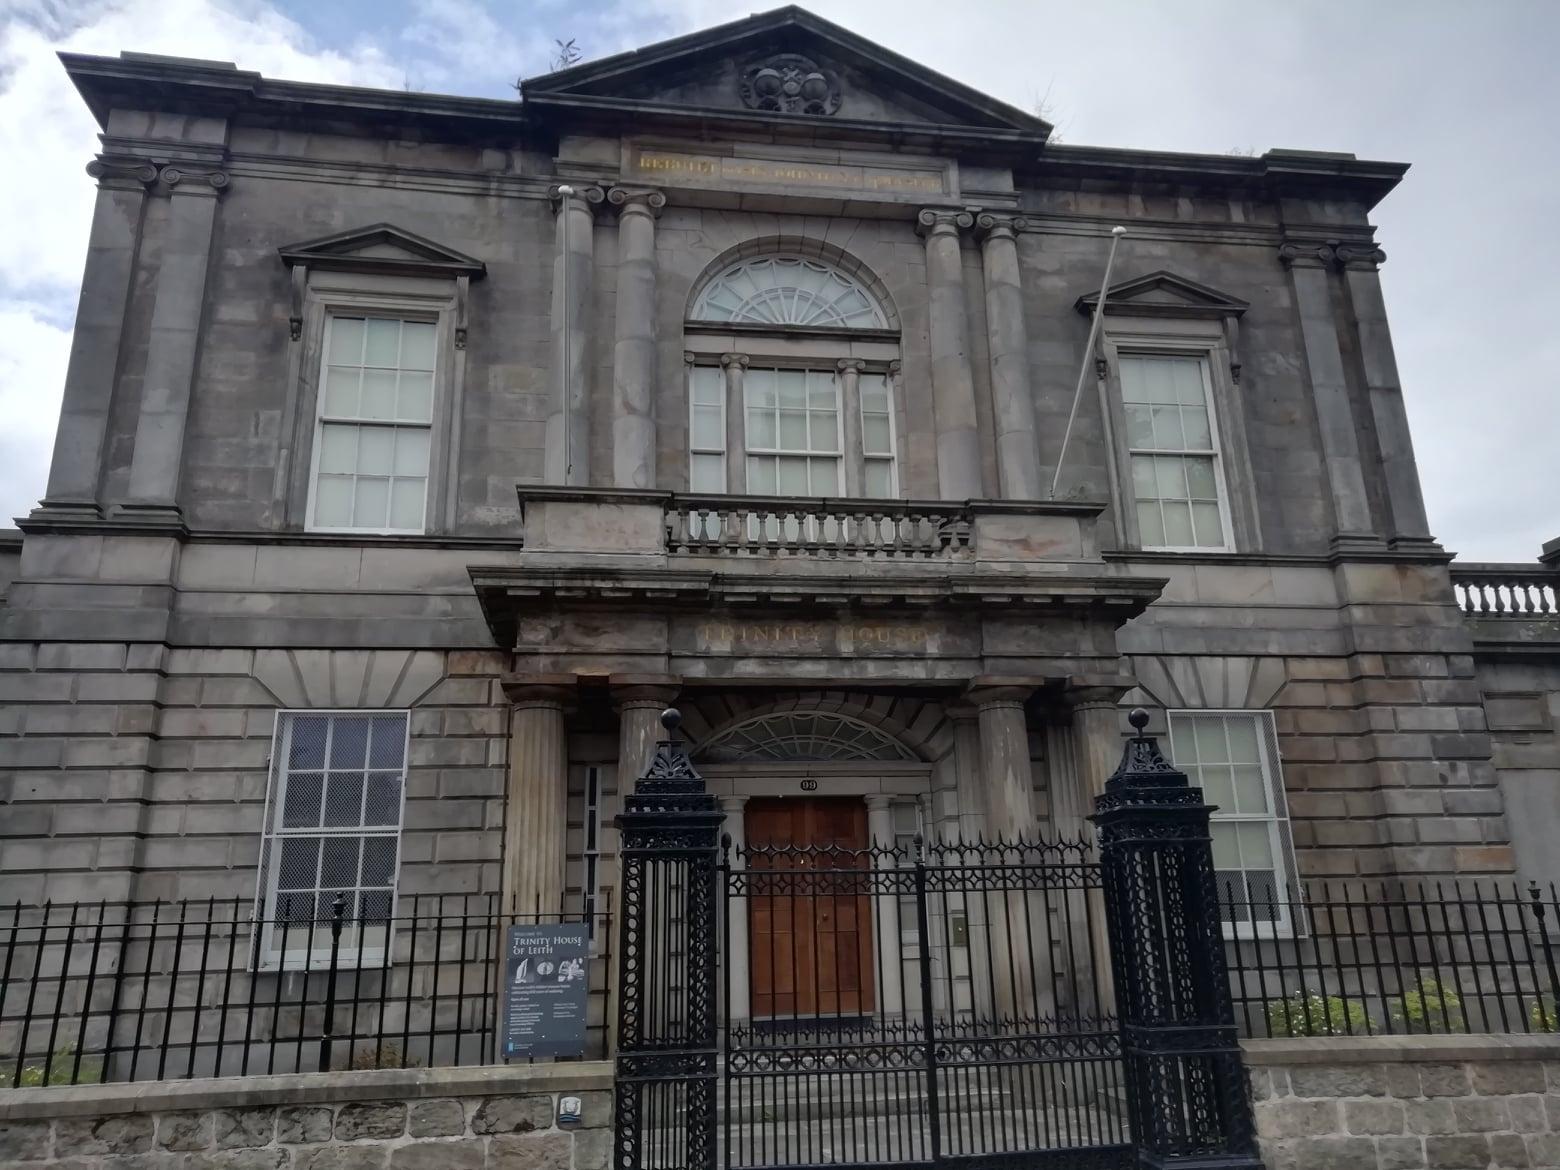 Trinity House Museum, Kirkgate, Leith